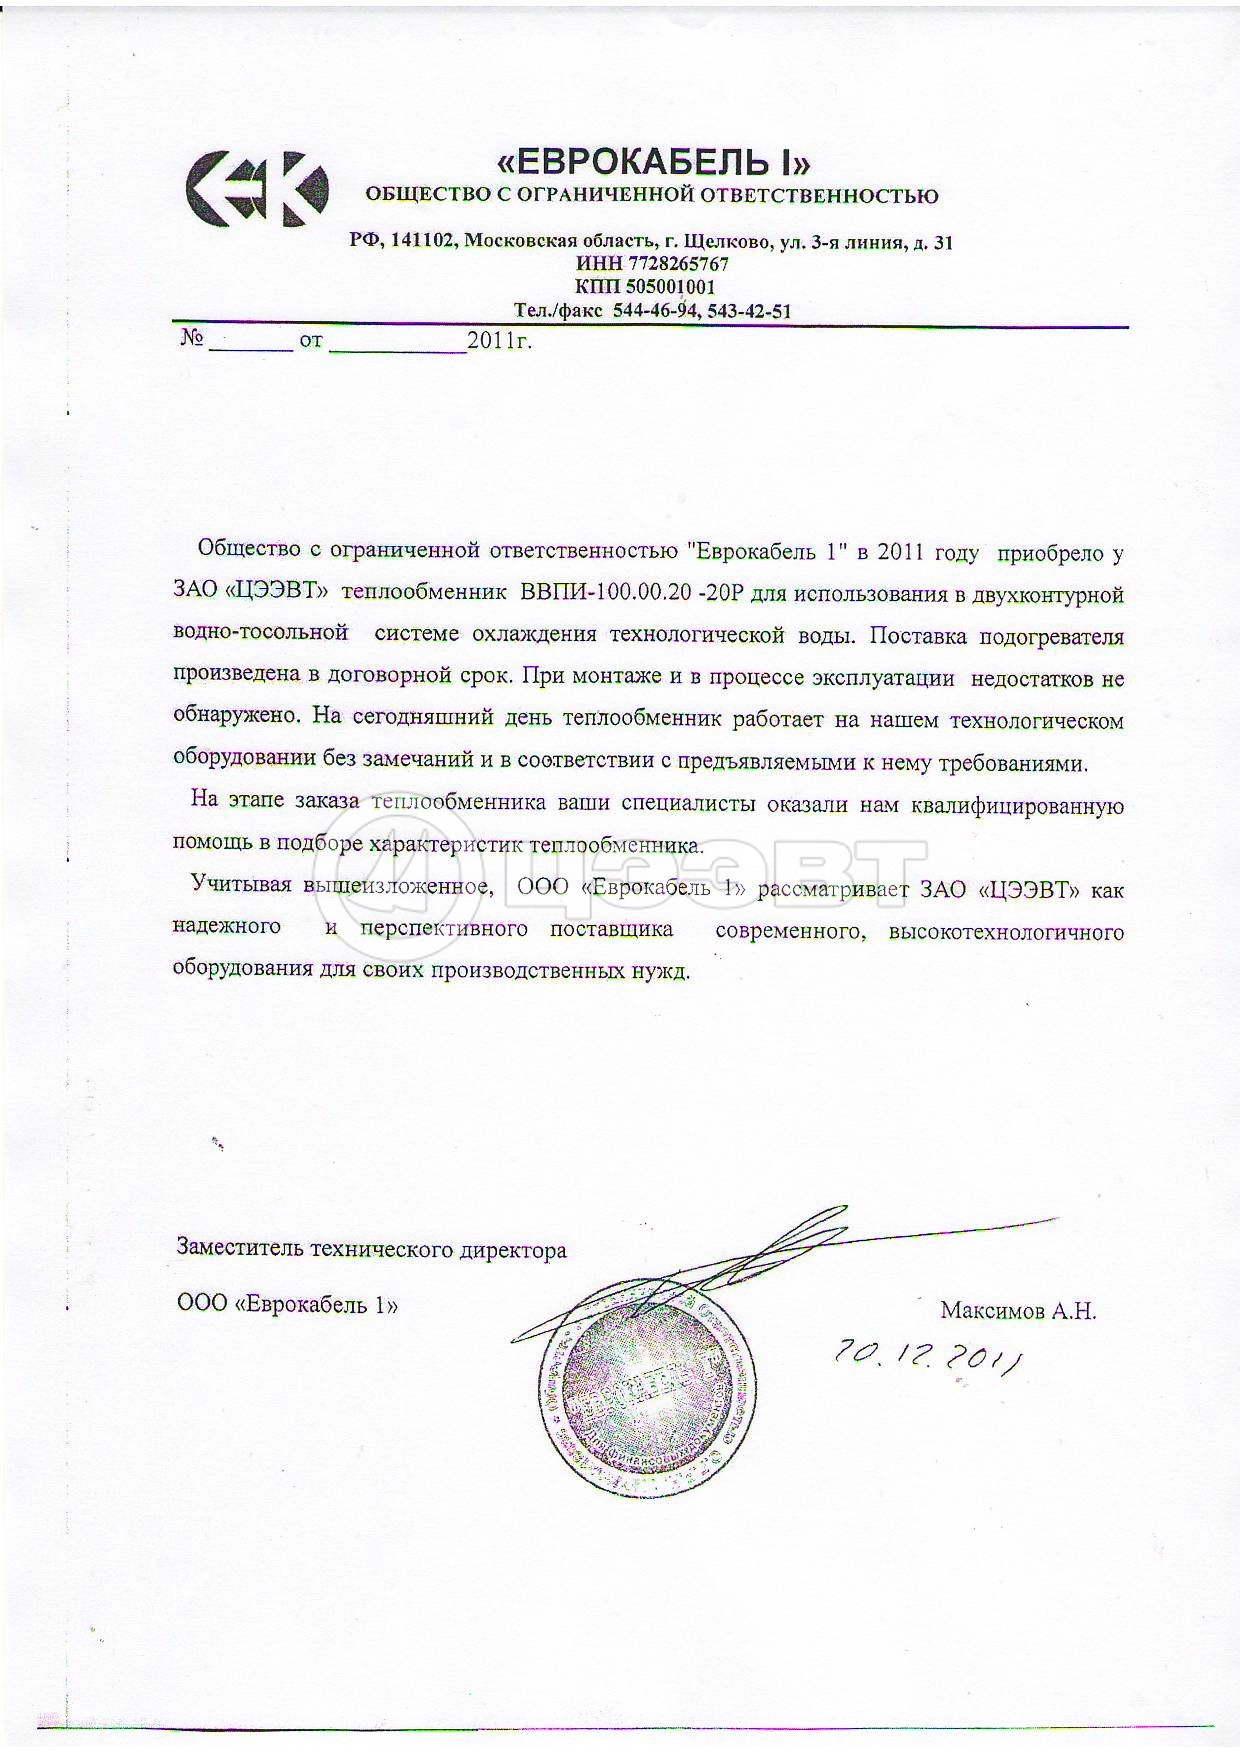 """ООО """"Еврокабель 1"""", Щелково"""